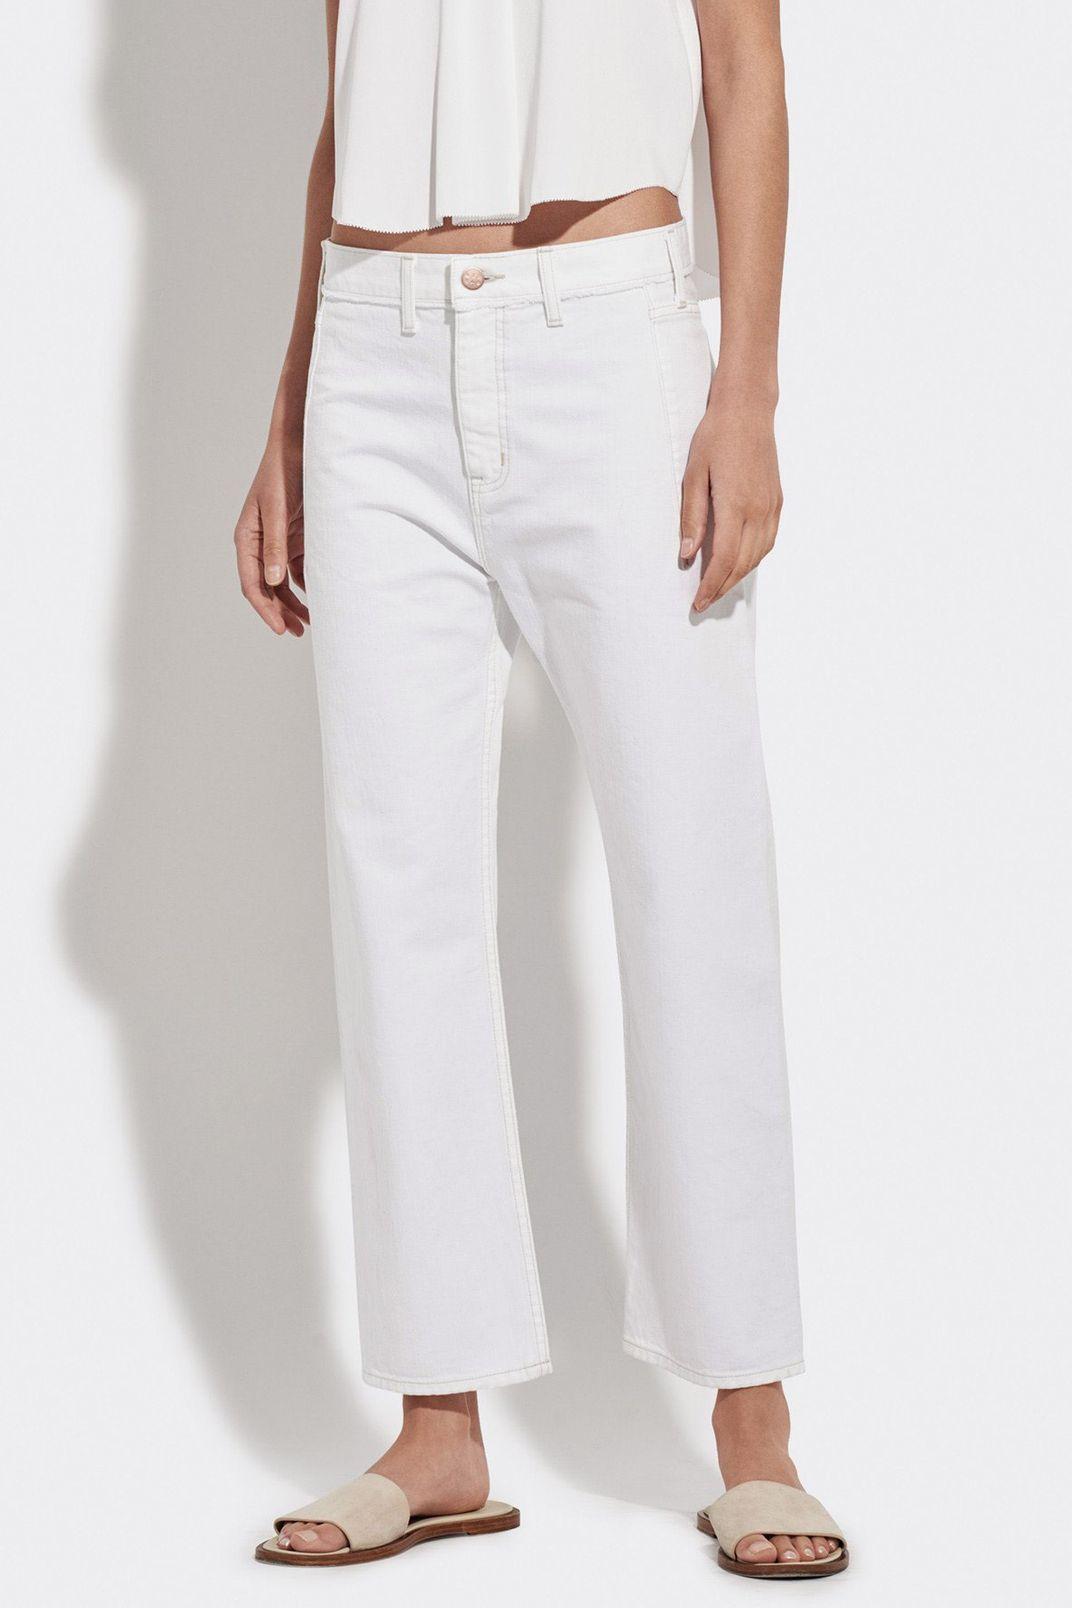 AYR Arch Jeans